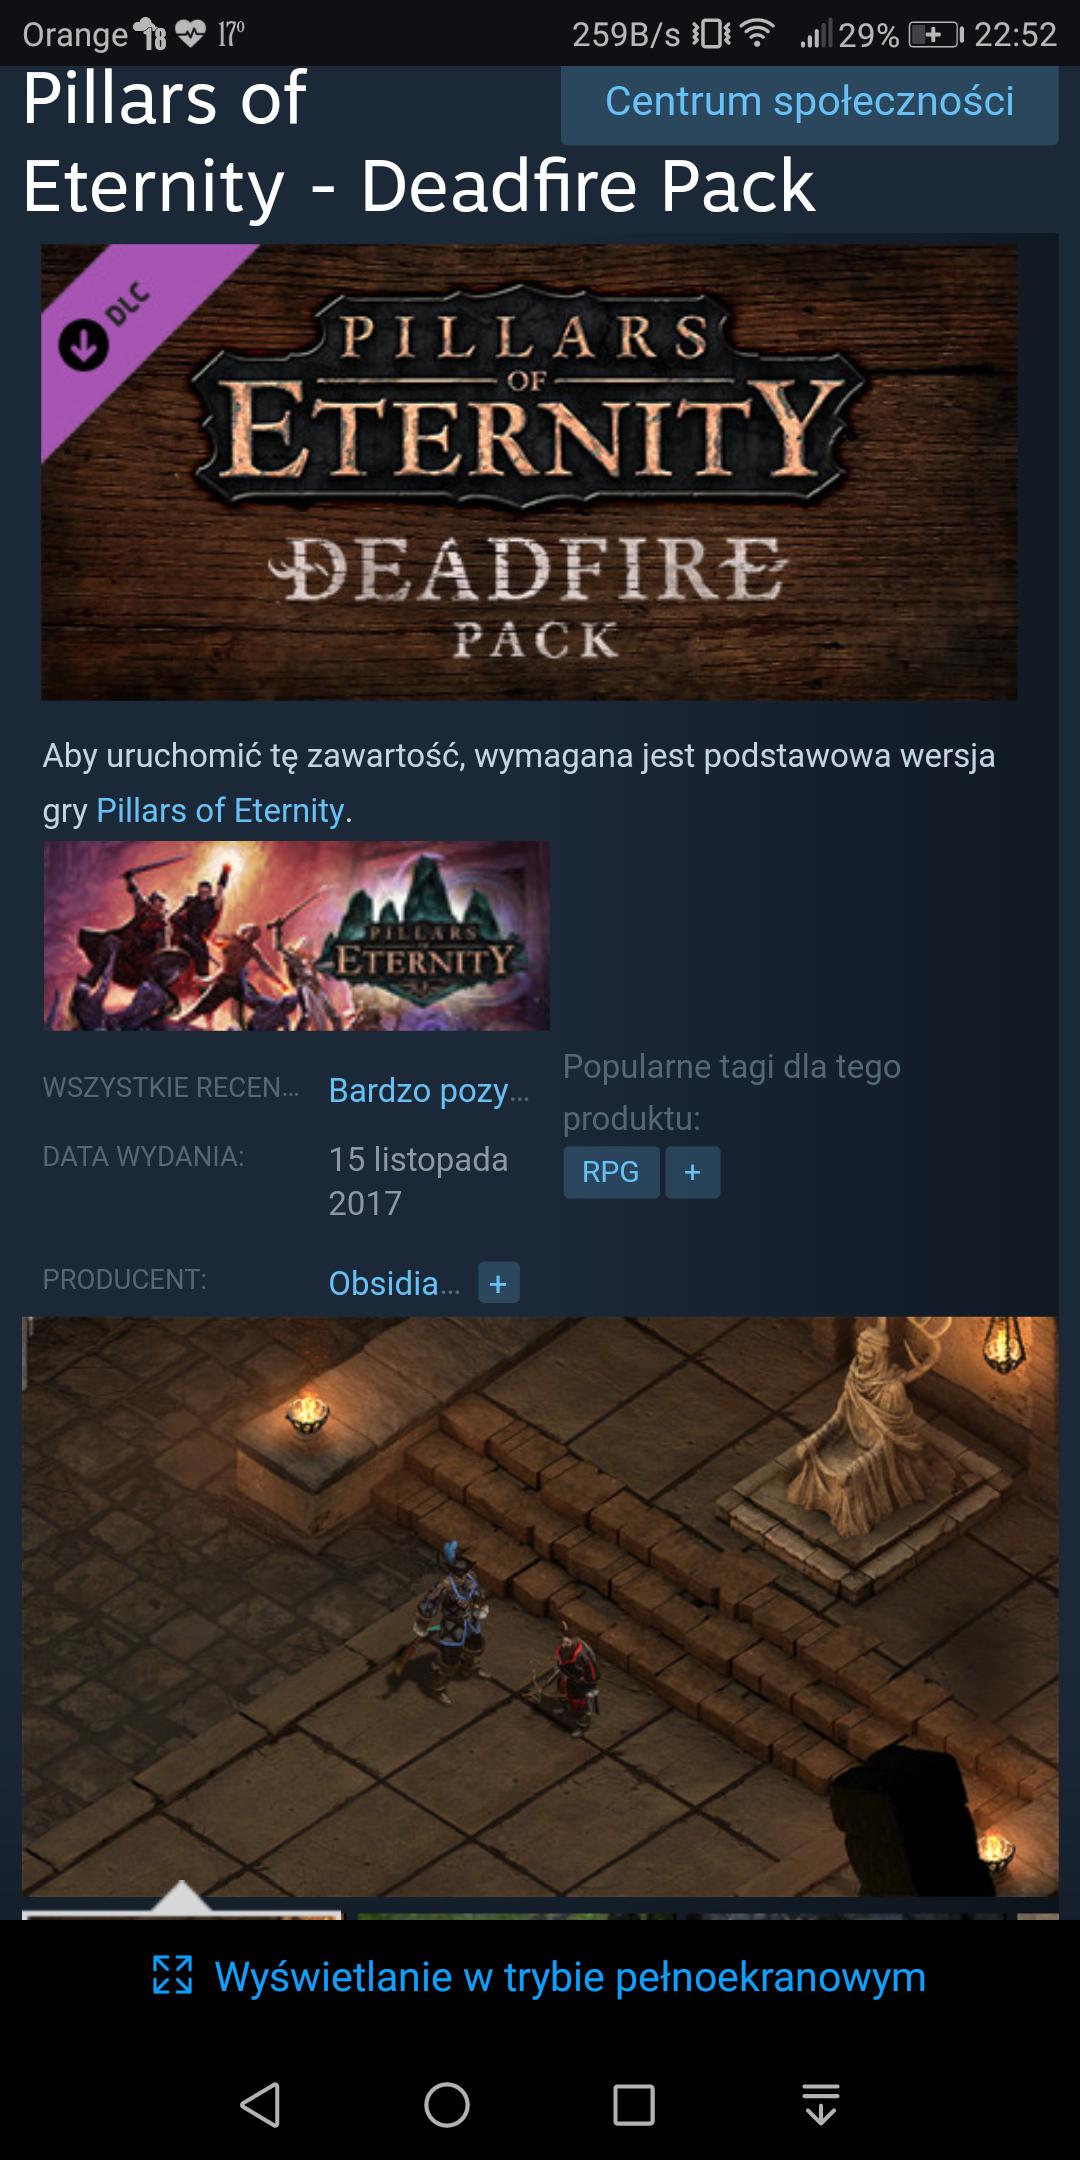 Pillars of Eternity - Deadfire Pack za darmo